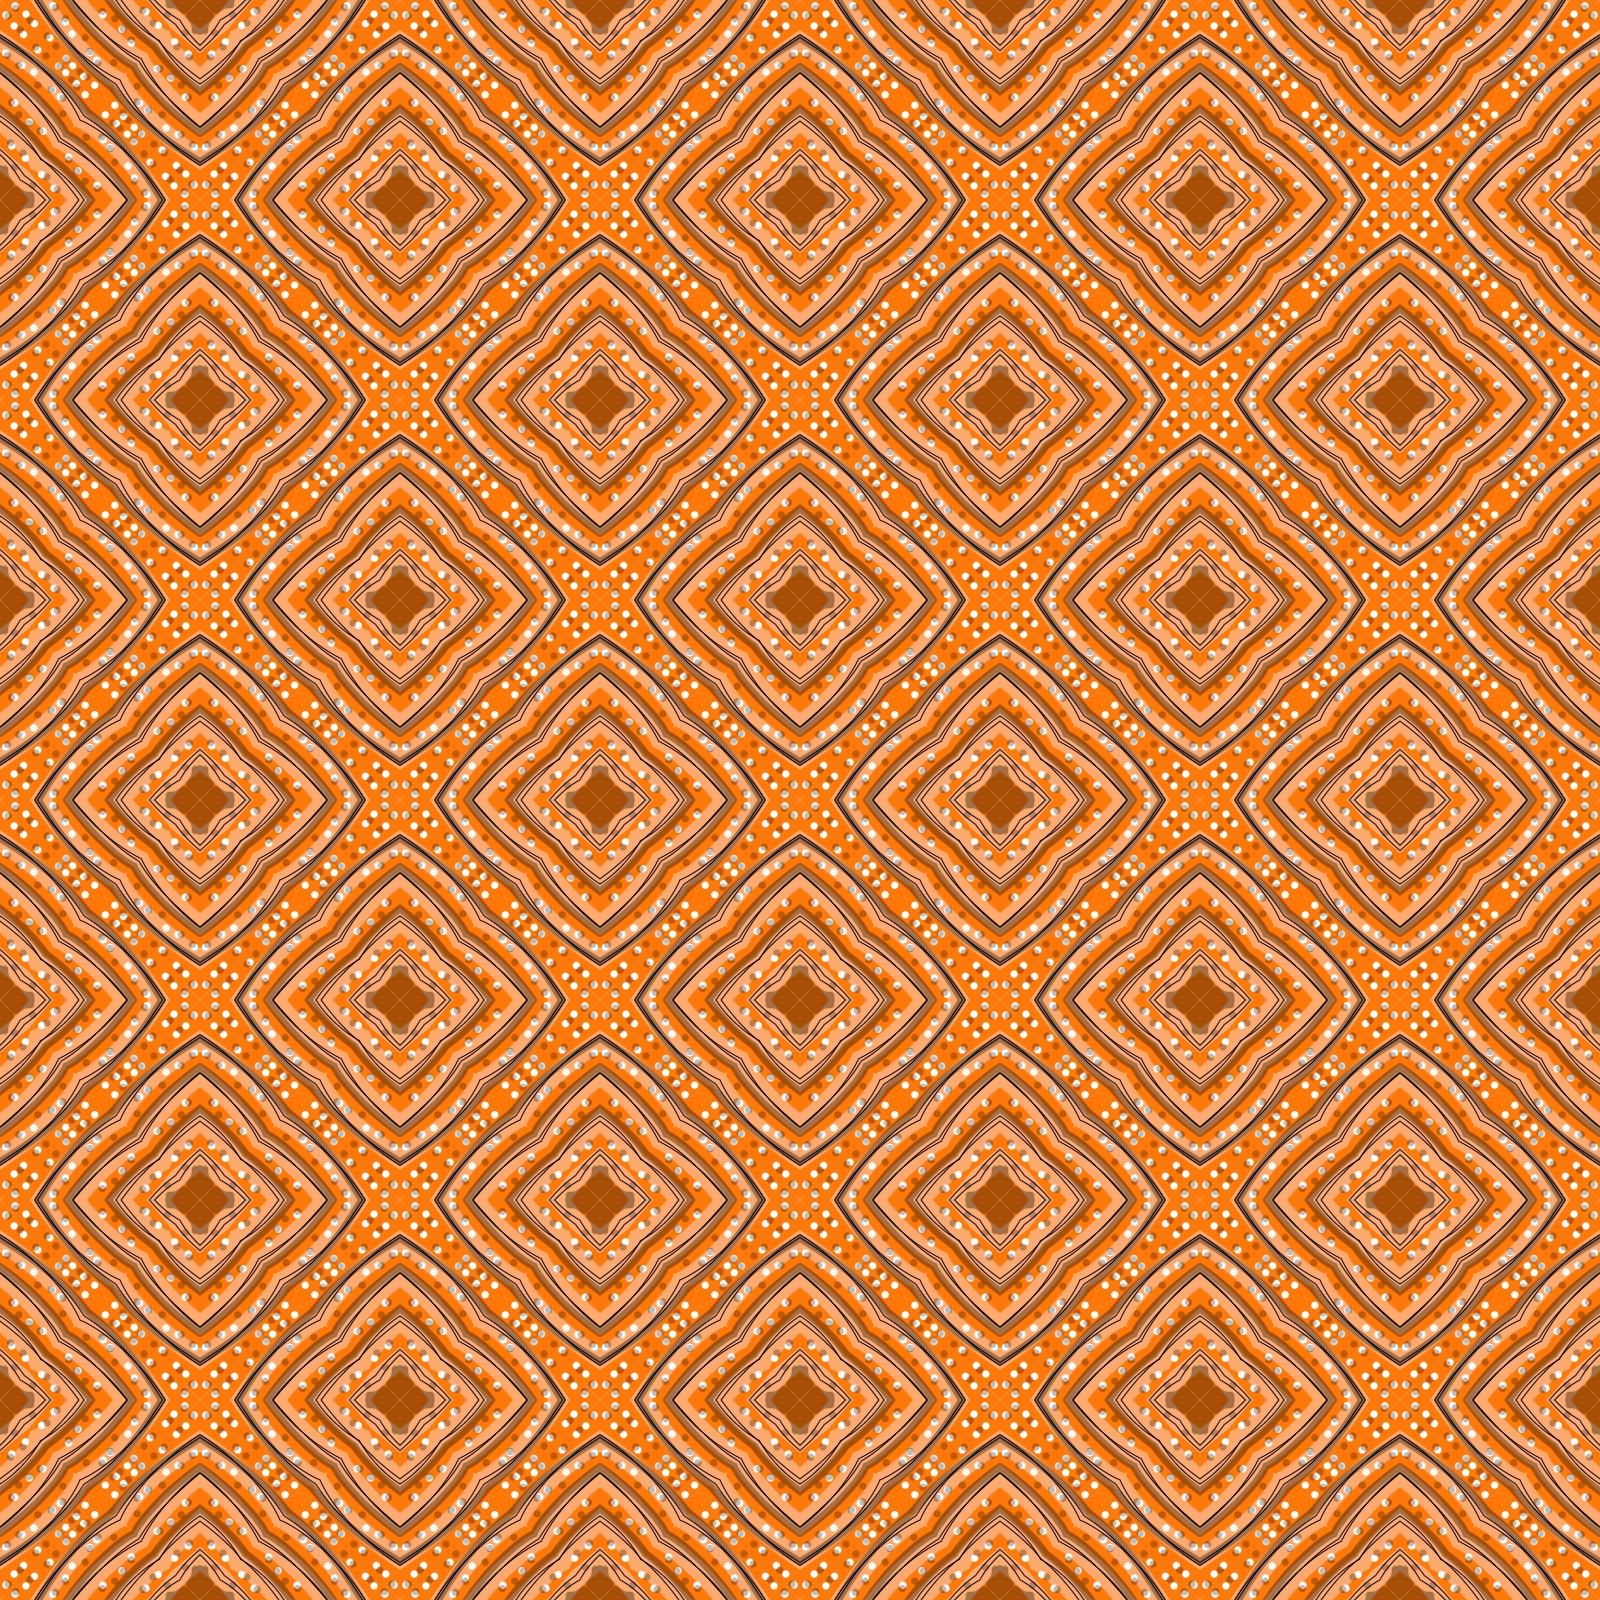 075_tiled